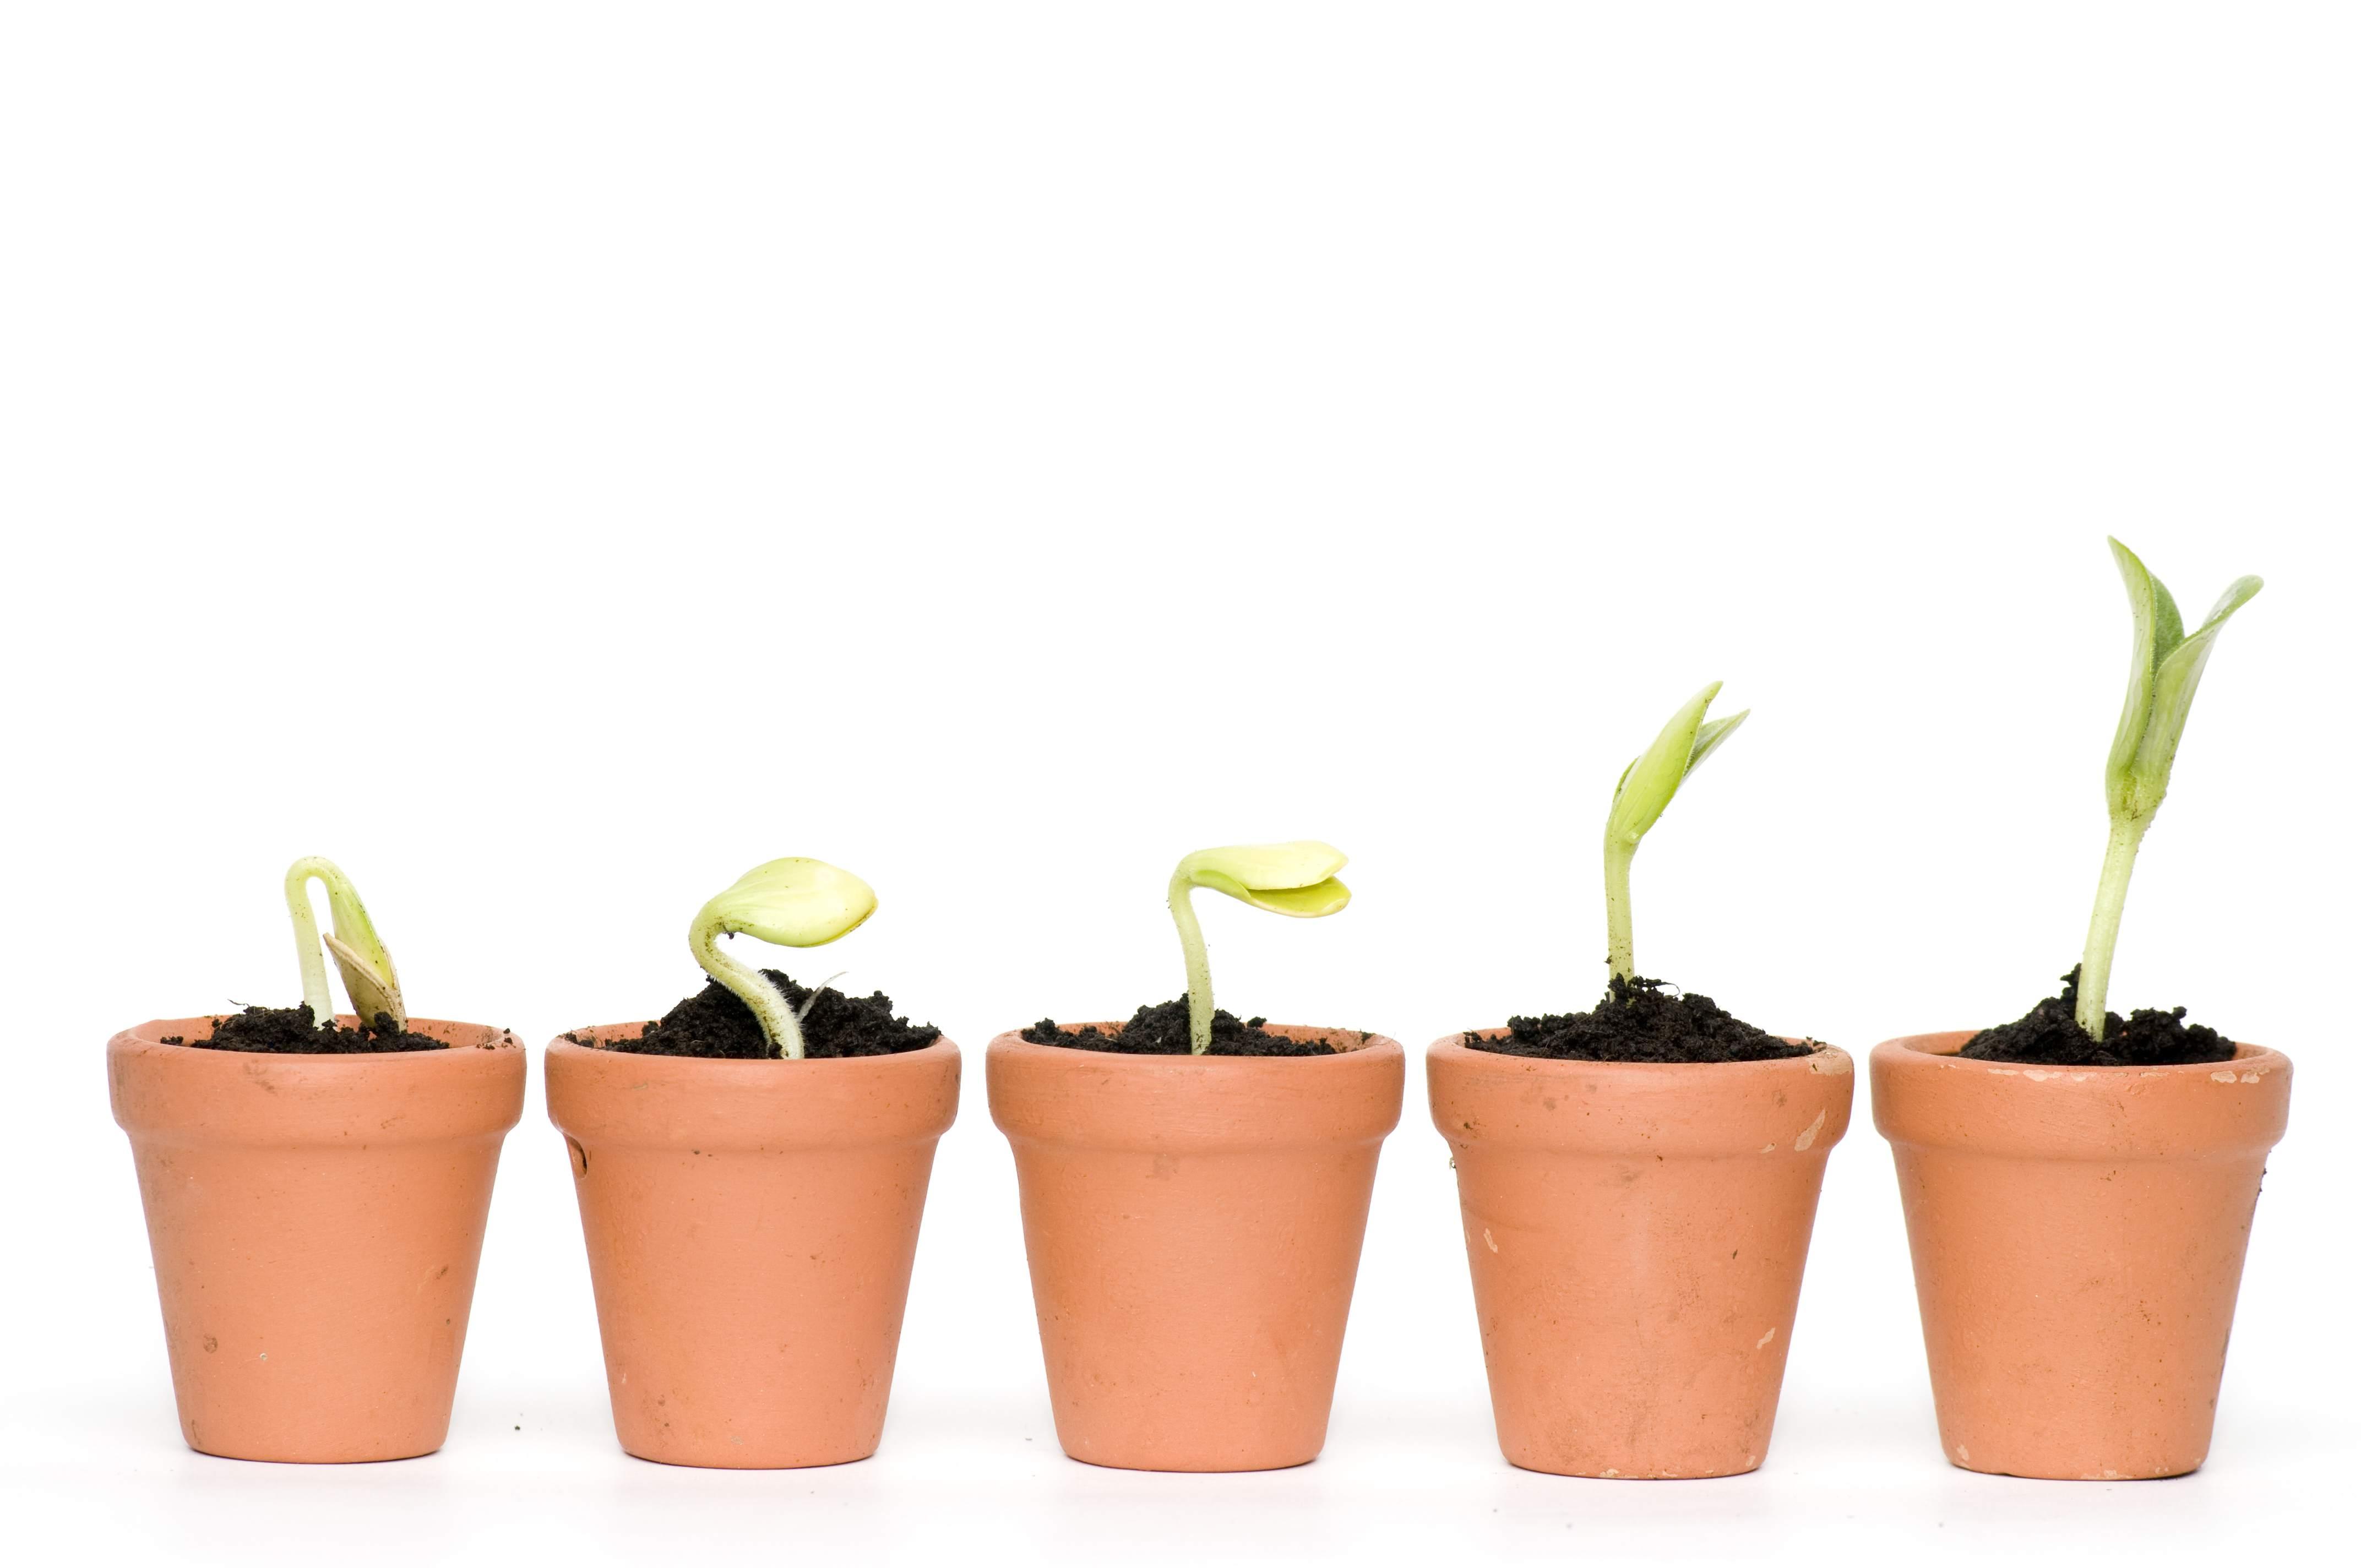 seedling development - shutterstock_27567580